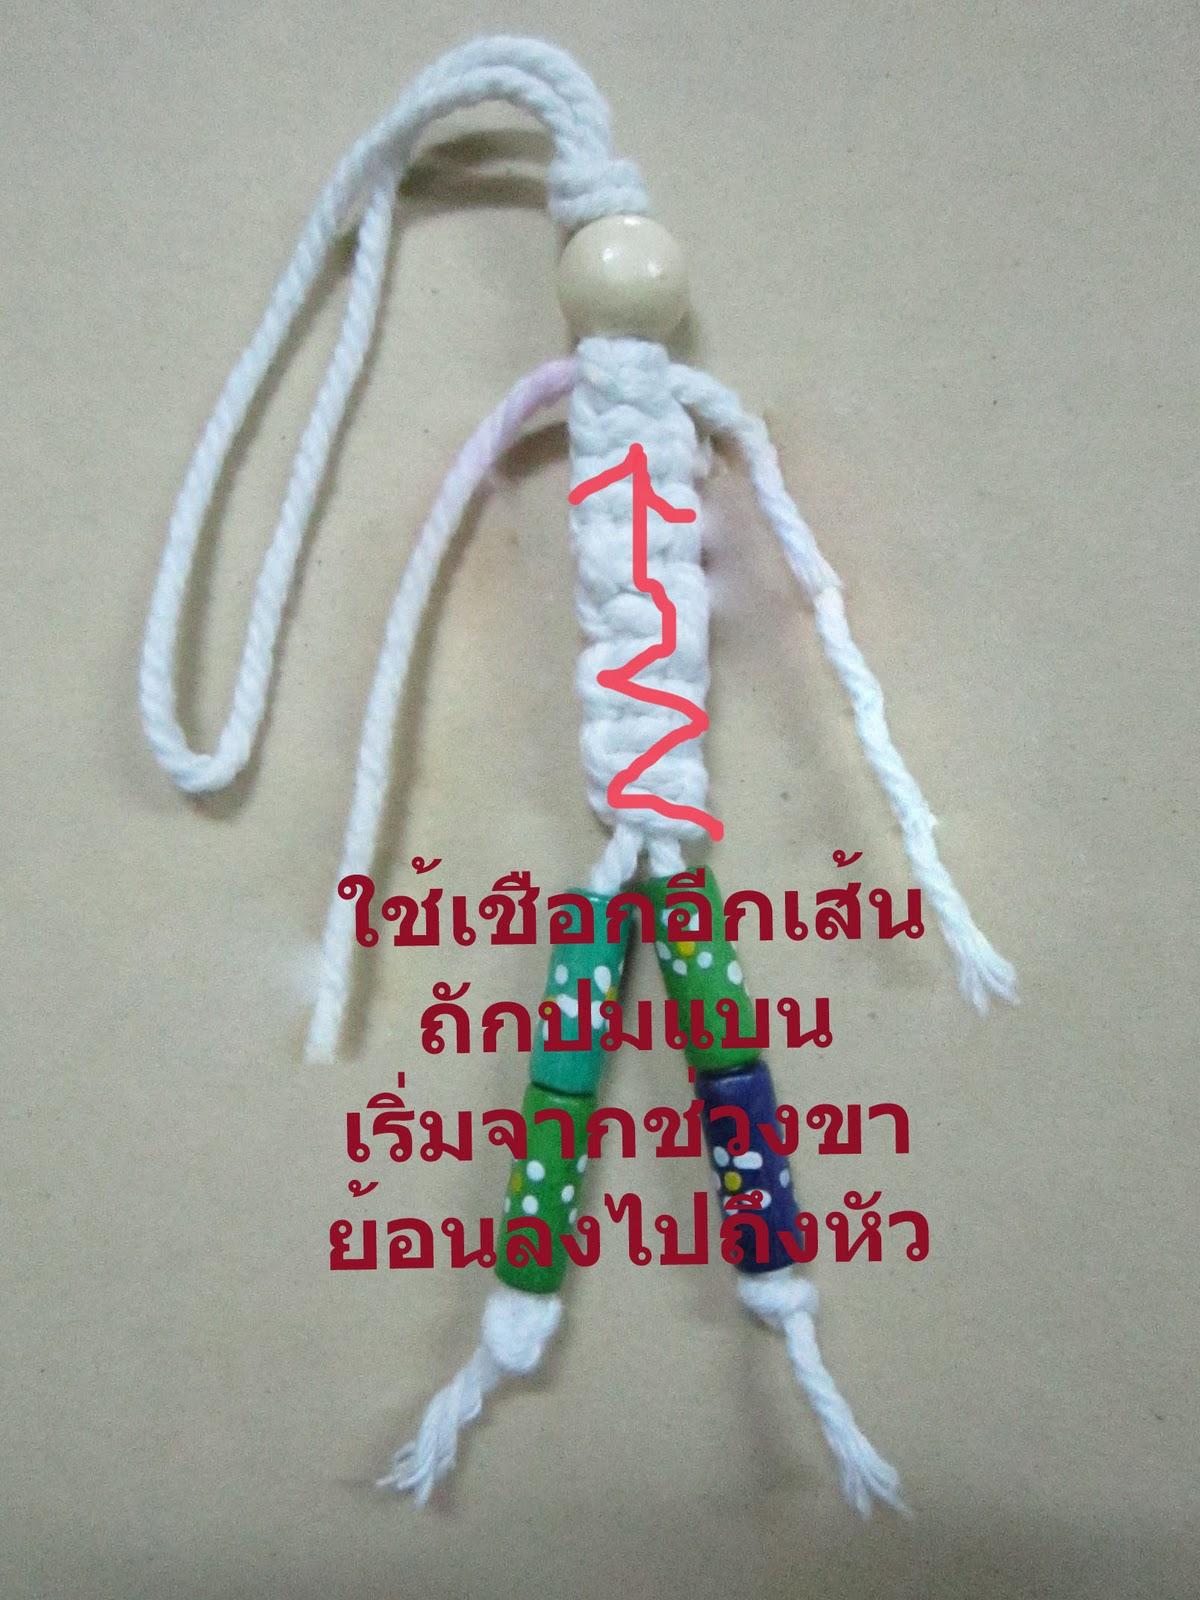 ทำตุ๊กตาง่าย น่ารัก  พวงกุญแจตุ๊กตา วิธีทำ ห้อยมือถือ พวงกุญแจ make easy doll rope yarn